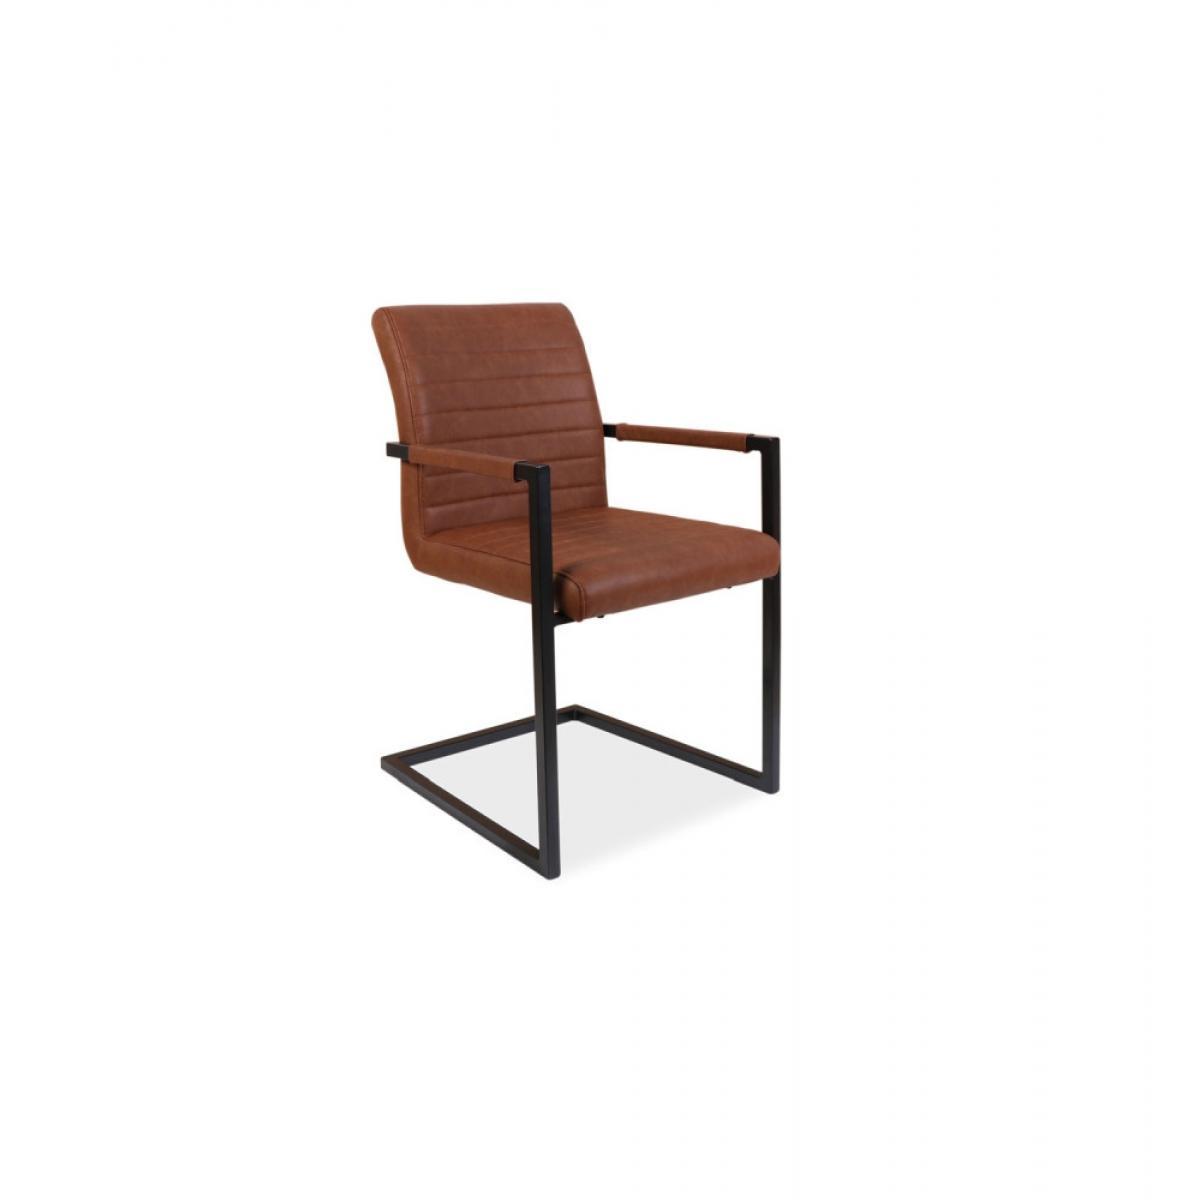 Ac-Deco Chaise - Solide - L 47 cm x l 44 cm x H 87 cm - Marron